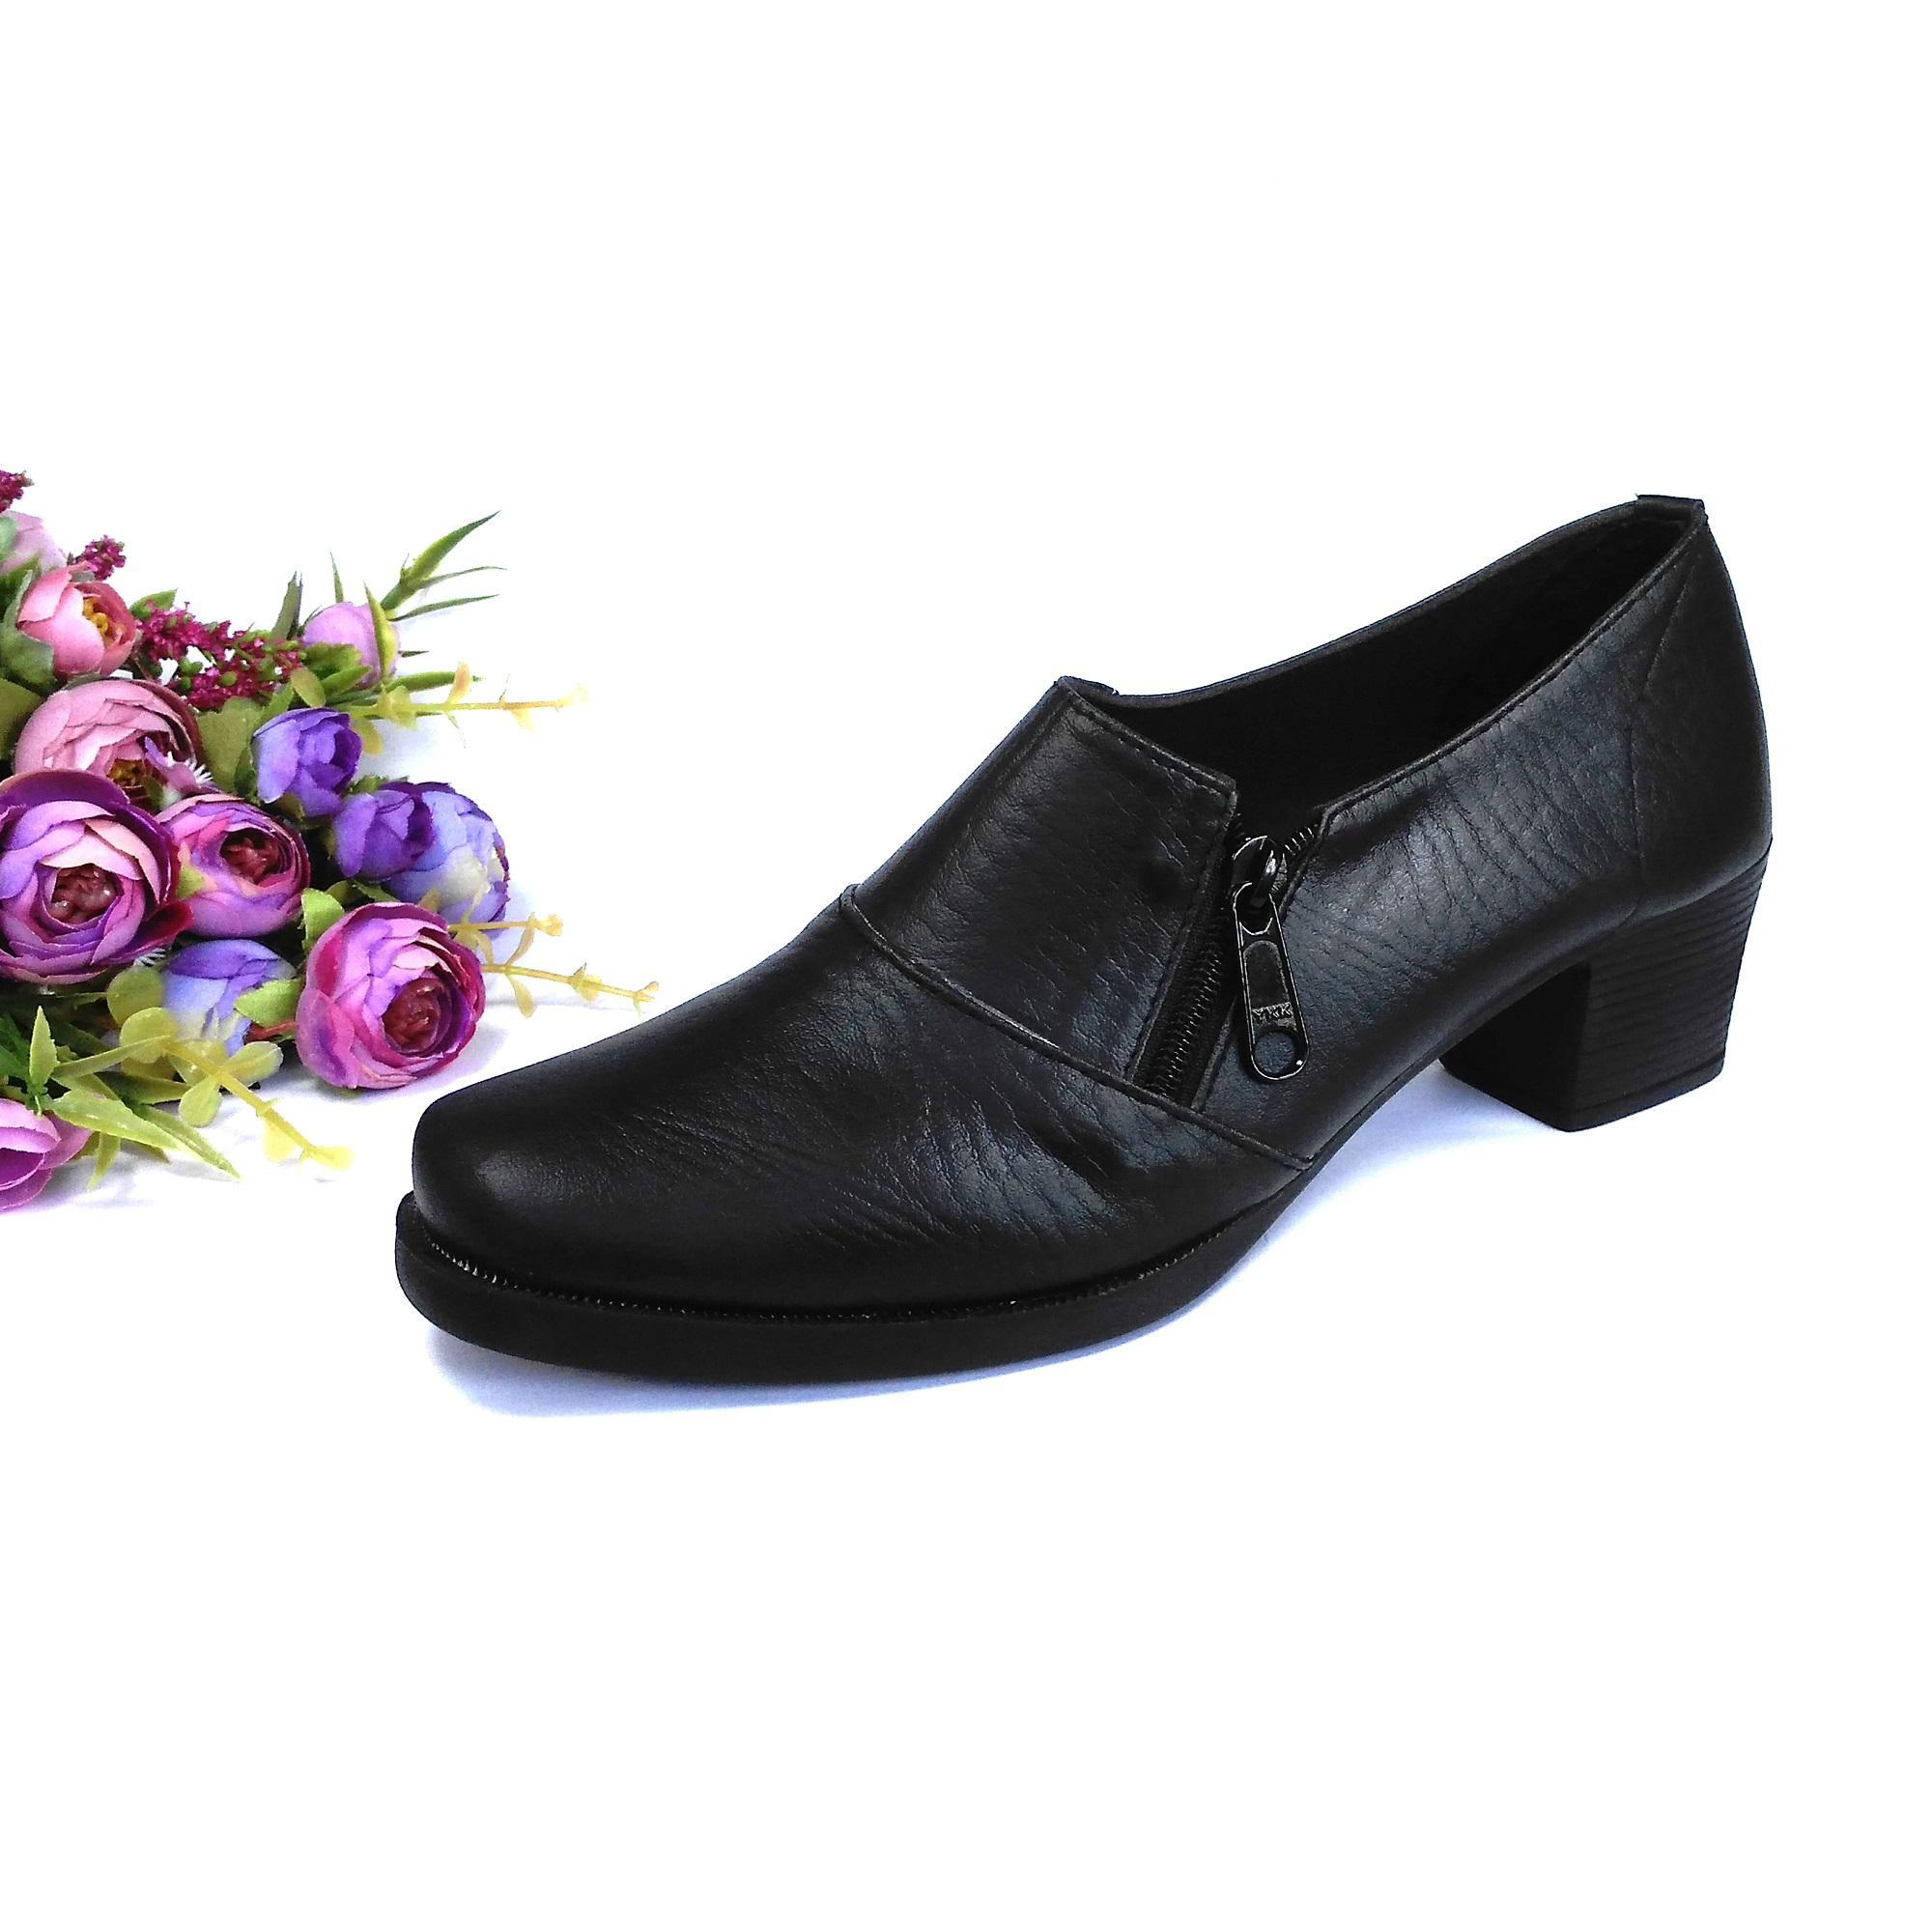 HQo Sepatu Pantofel Wanita   Sepatu Boot Wanita   Sepatu Pantofel Paskibra  Wanita Bertali   Sepatu ce2730d870